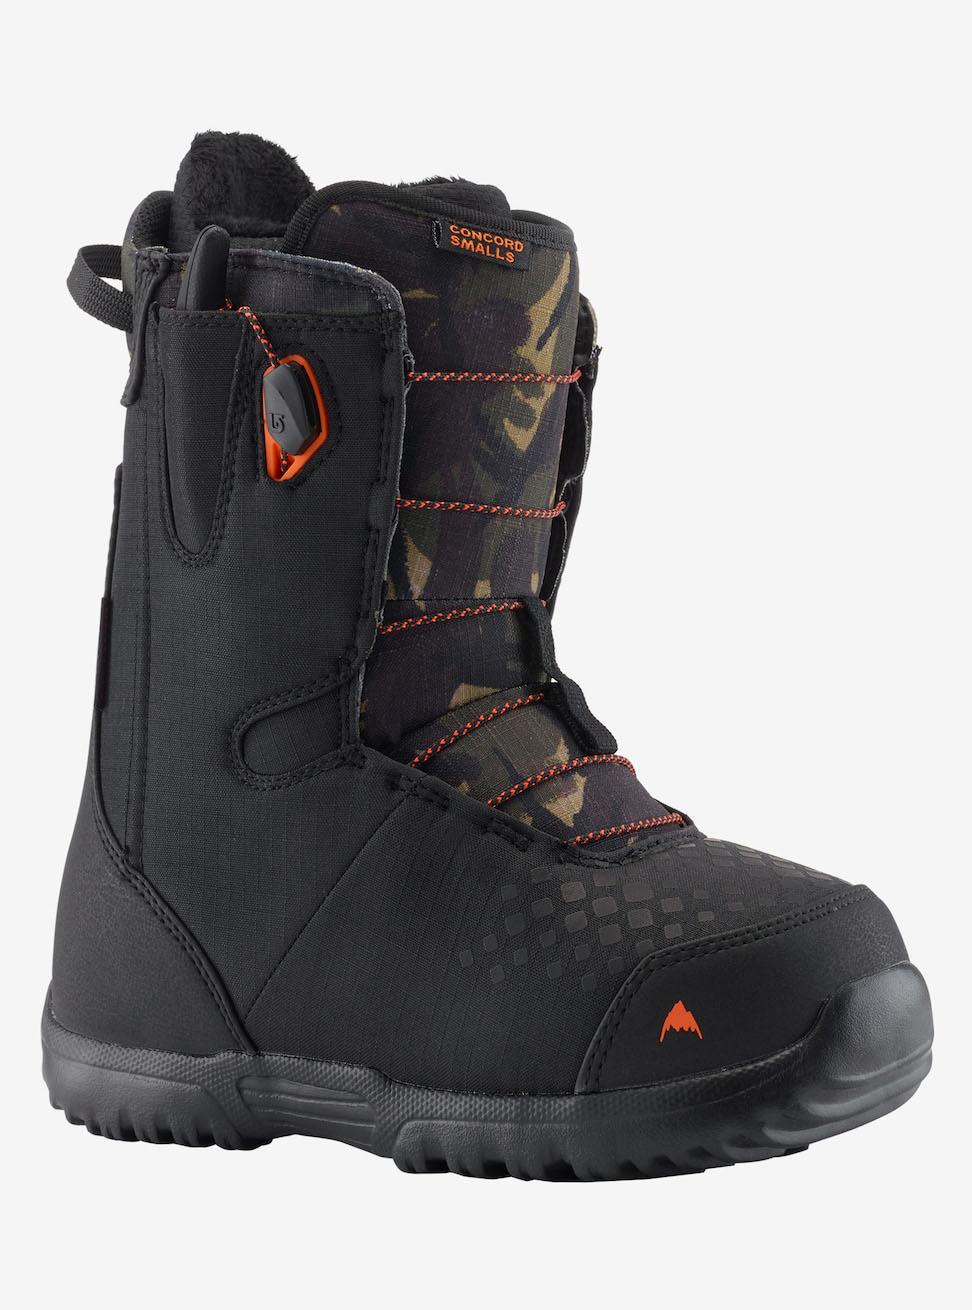 2019 Burton Concord Smalls Speedzone Boots